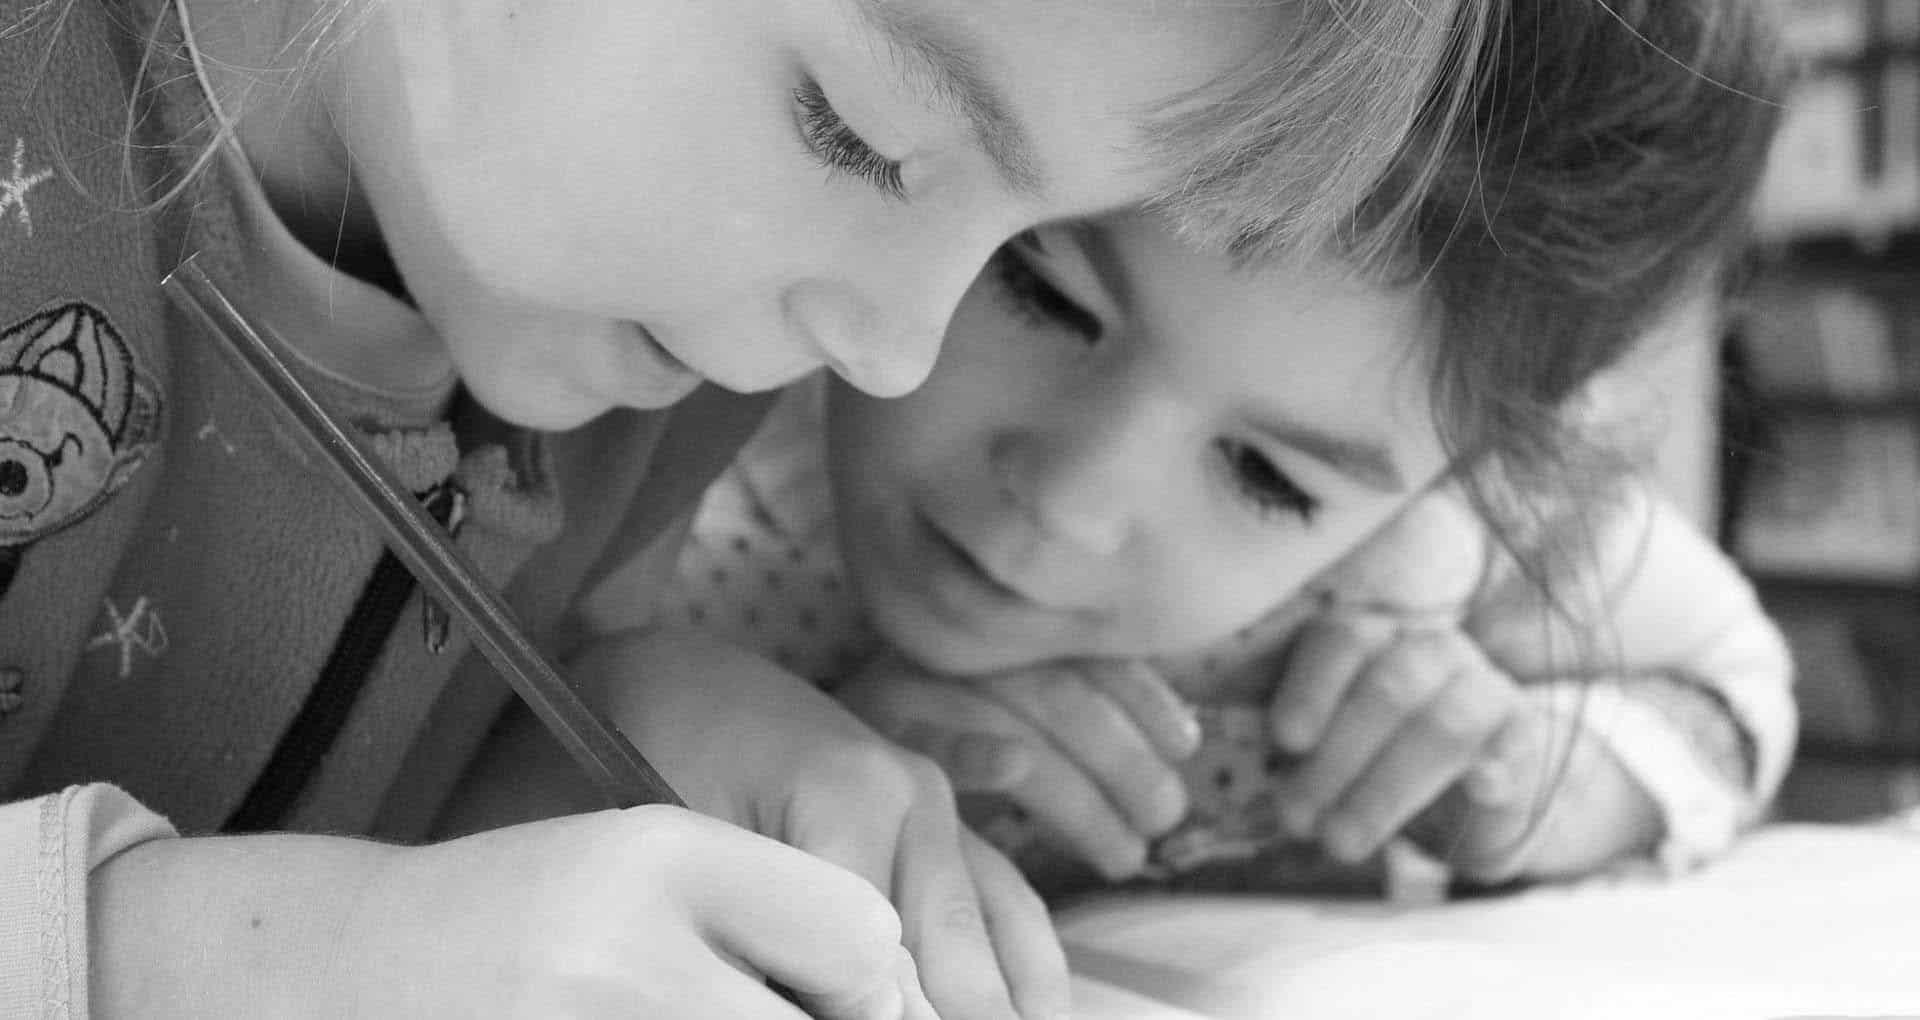 Imagen representativa de los valores e ideales de Com in-Genio, la investigación, la colaboración, la curiosidad y la pasión por aprender.